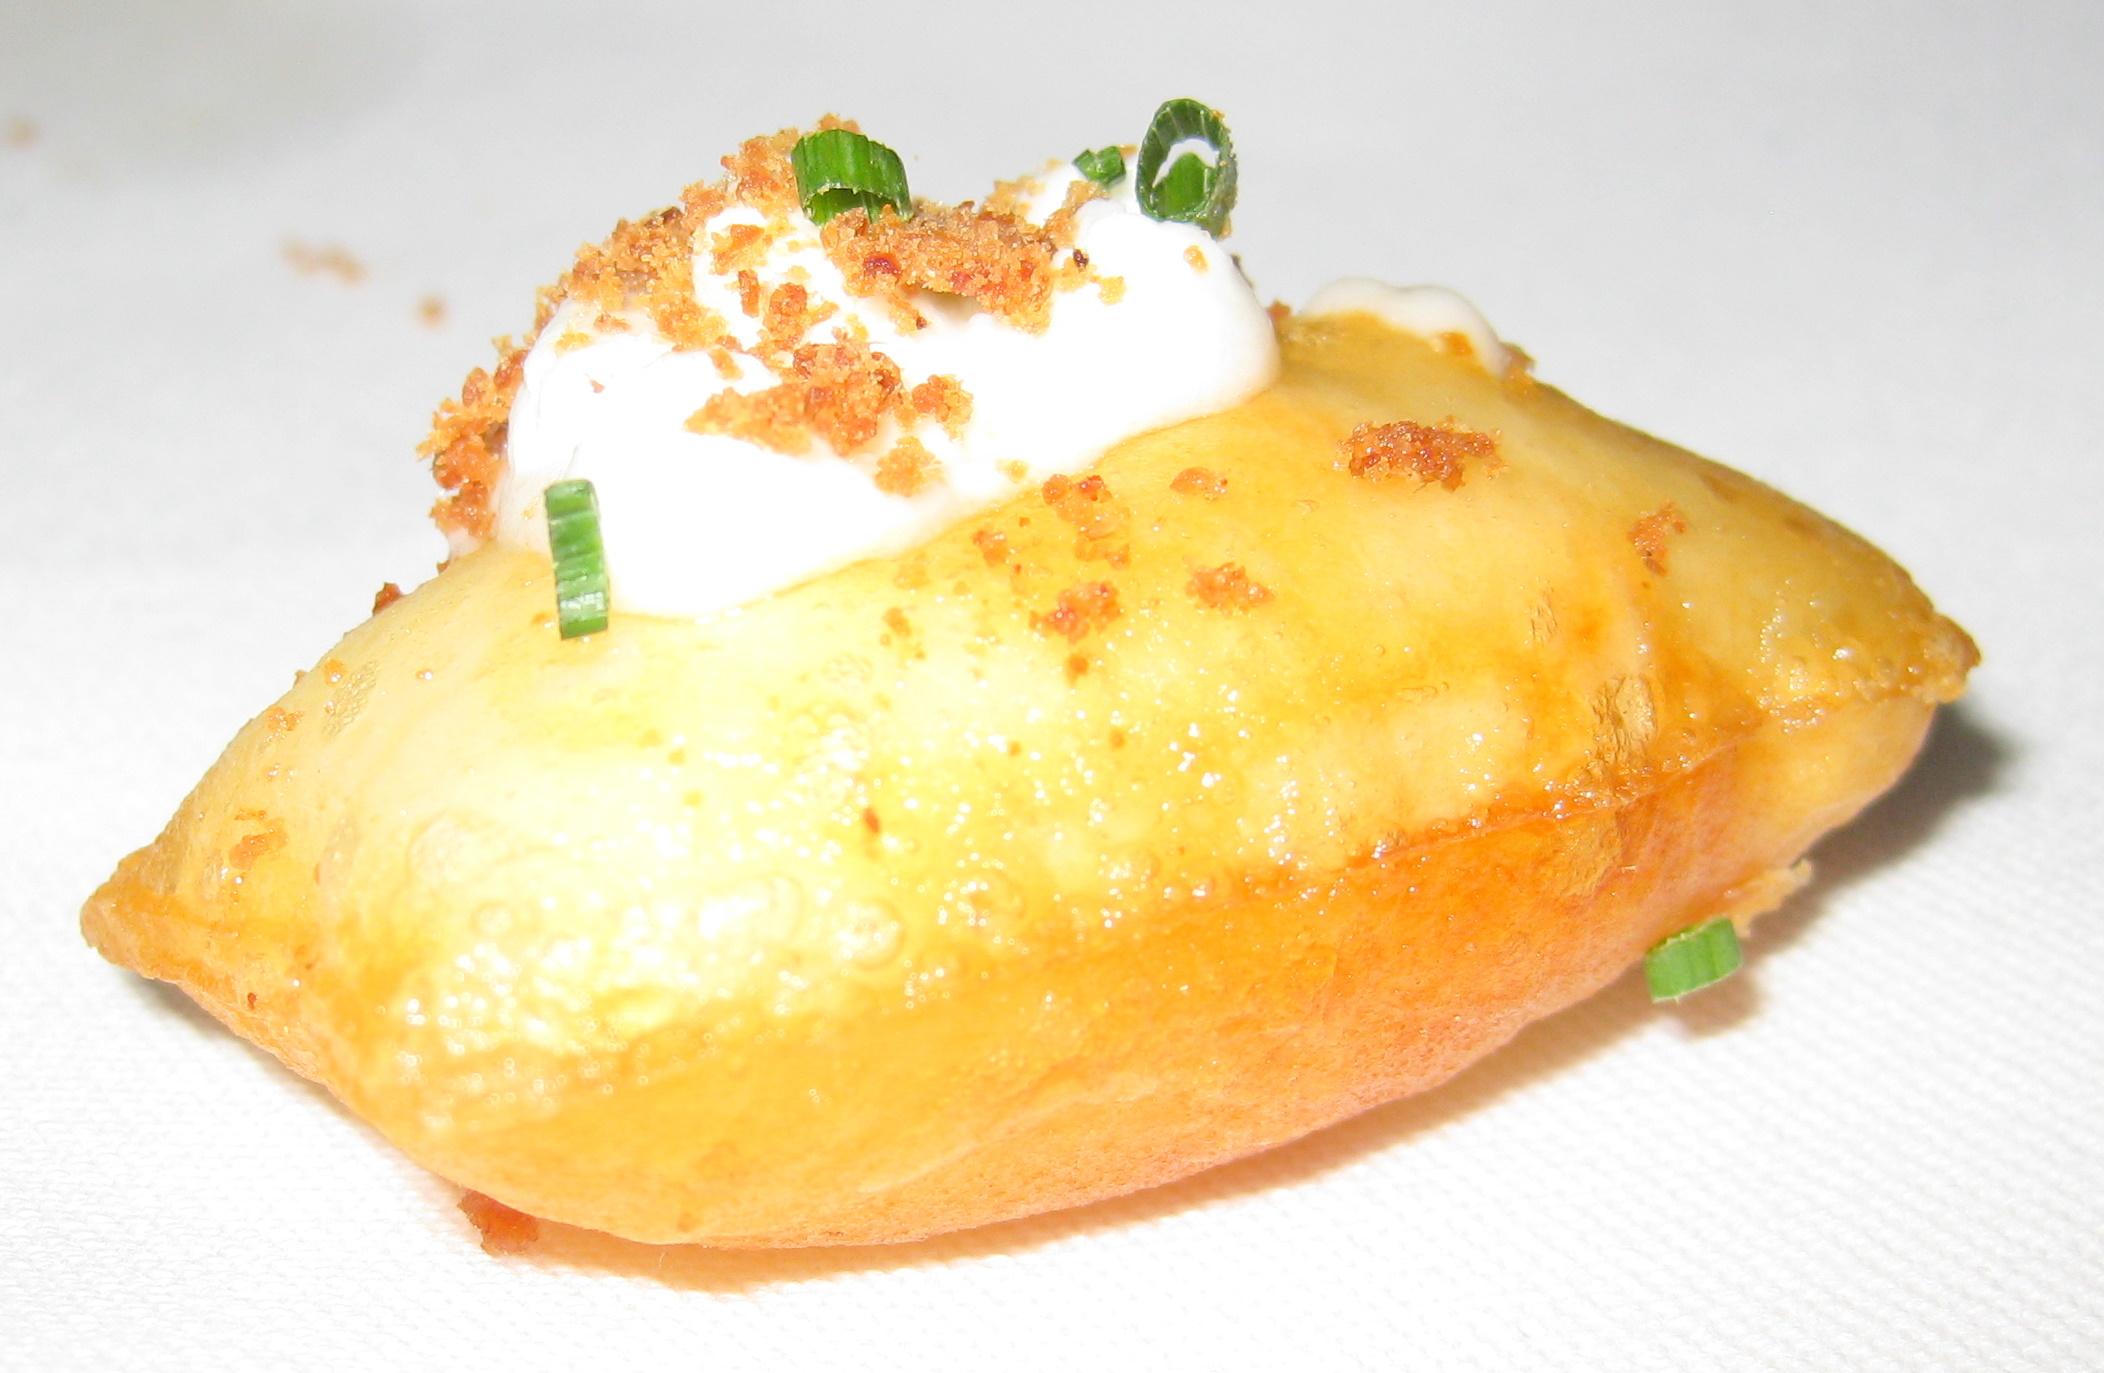 Amuse bouche pomme soufllee gayot 39 s blog for Amuse bouche cuisine